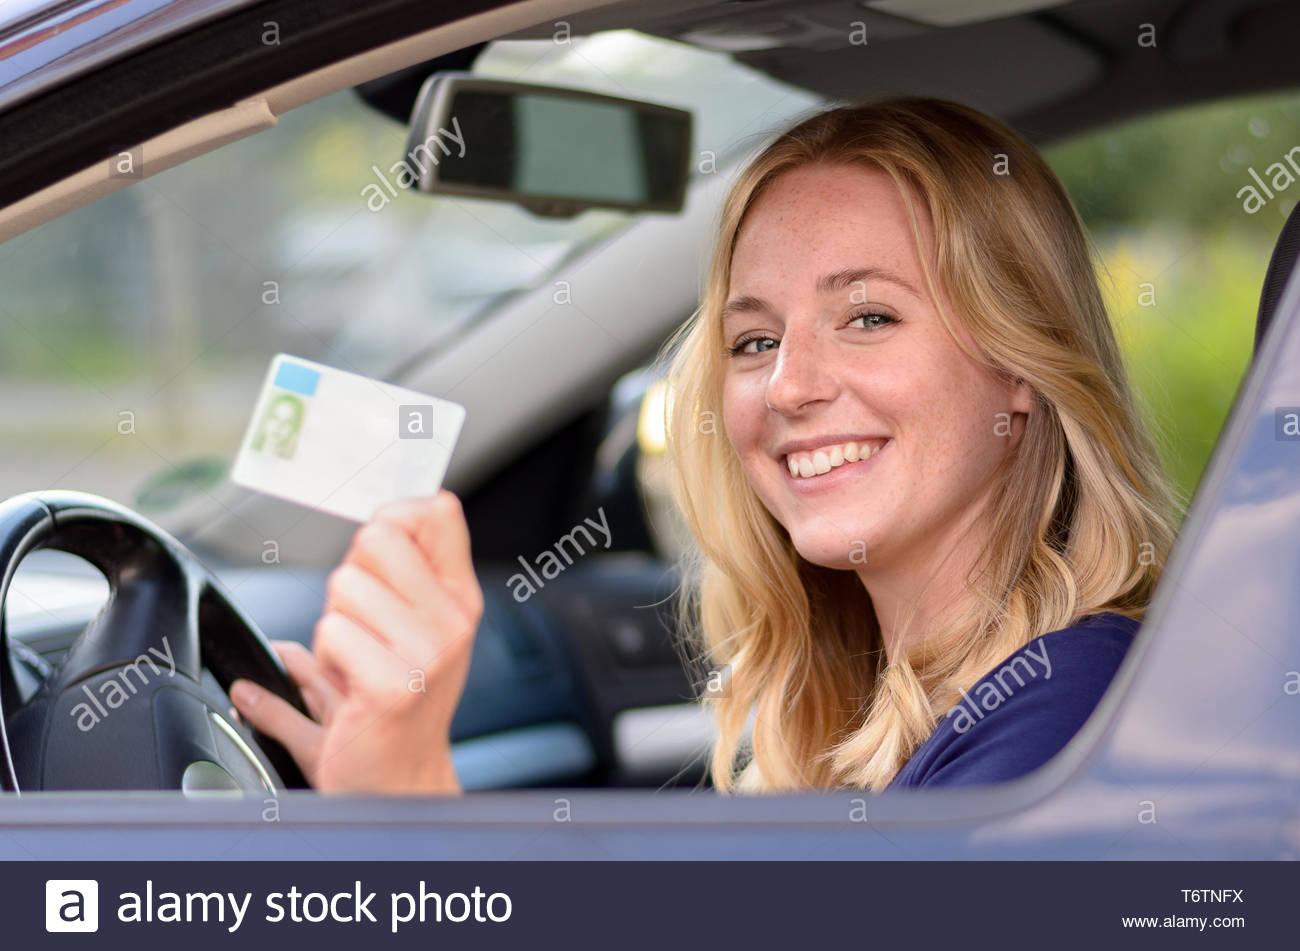 Feliz joven mostrando su licencia de conductores Imagen De Stock